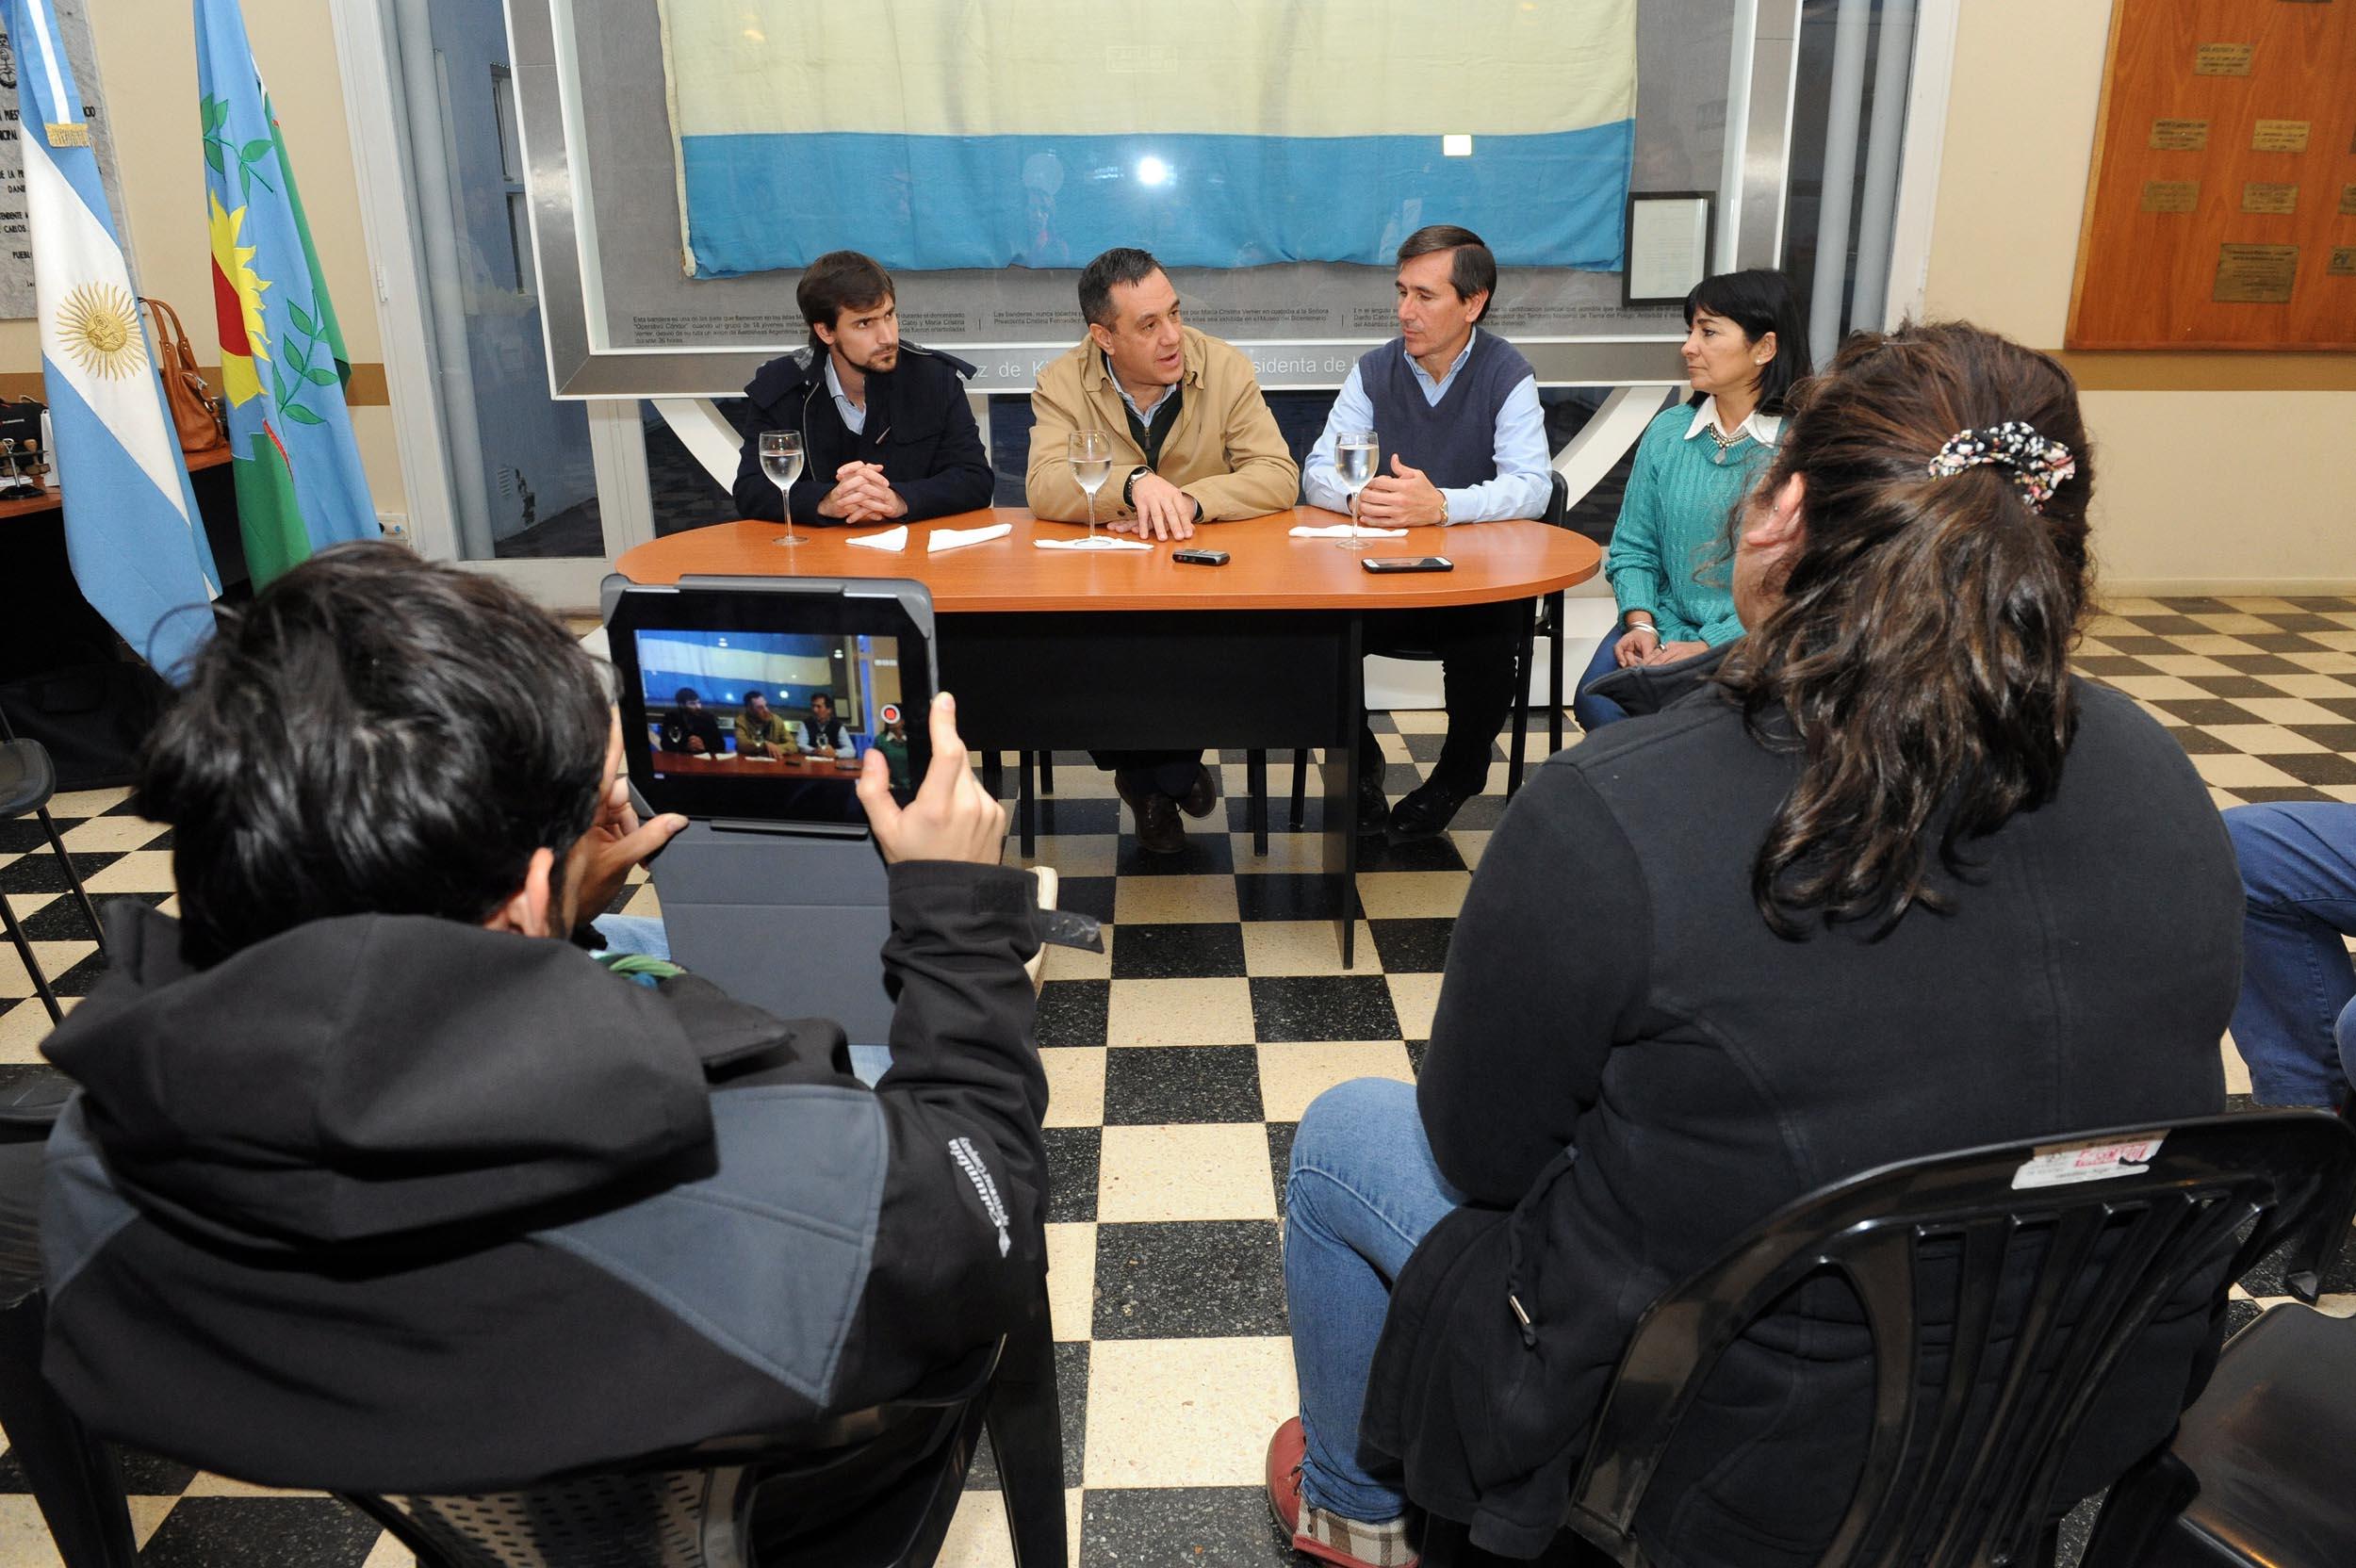 Finocchiaro y Harispe en conferencia de prensa - Lezama2 (1)